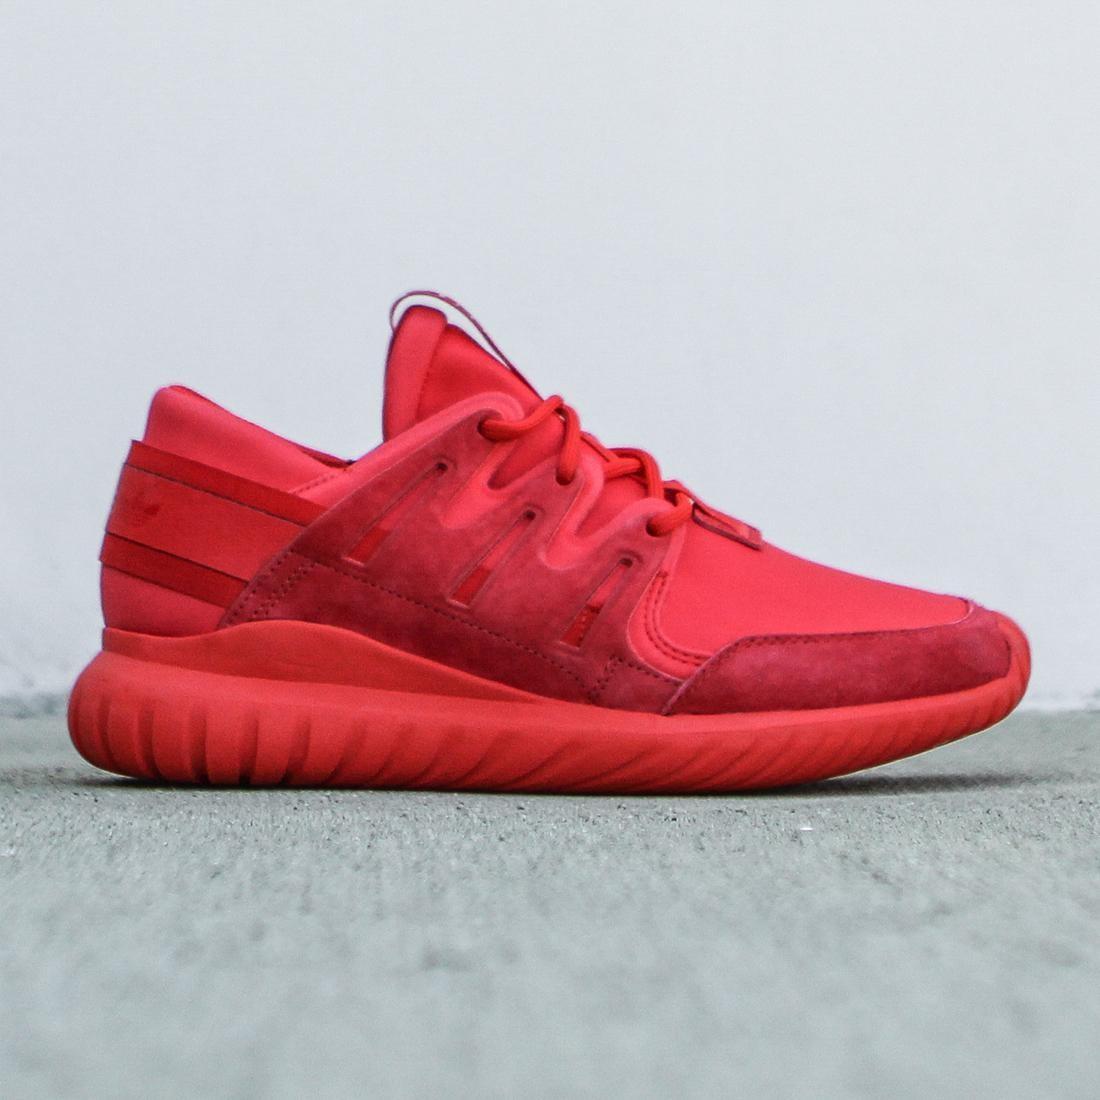 【海外限定】アディダス メンズ靴 靴 【 ADIDAS MEN TUBULAR NOVA RED BLACK 】